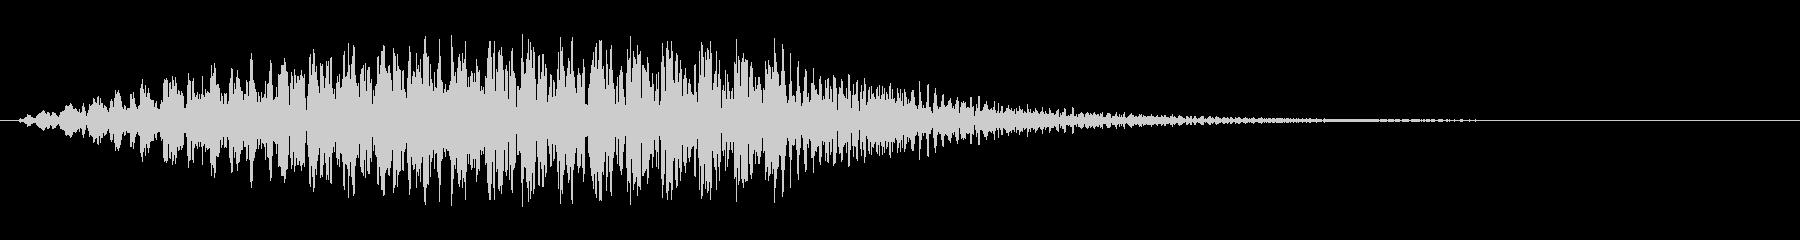 シャララーン(木琴をグリッサンドした音)の未再生の波形